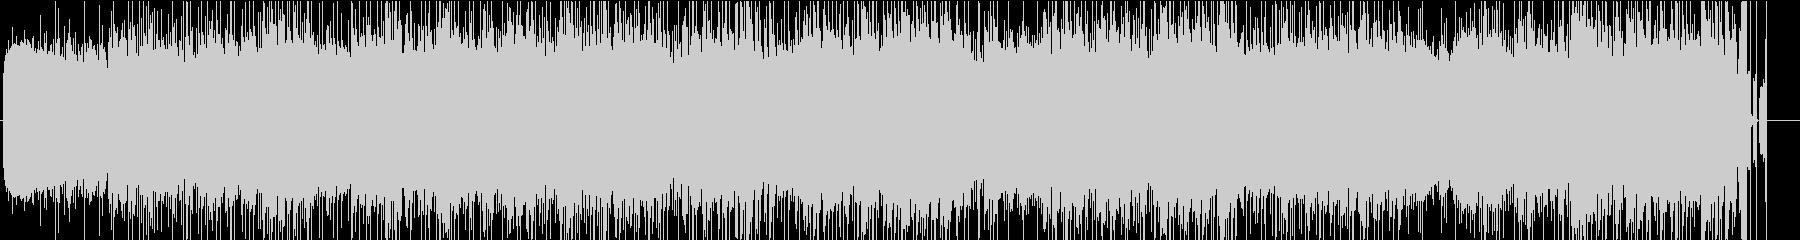 ホワイトノイズをメインにした環境BGMの未再生の波形